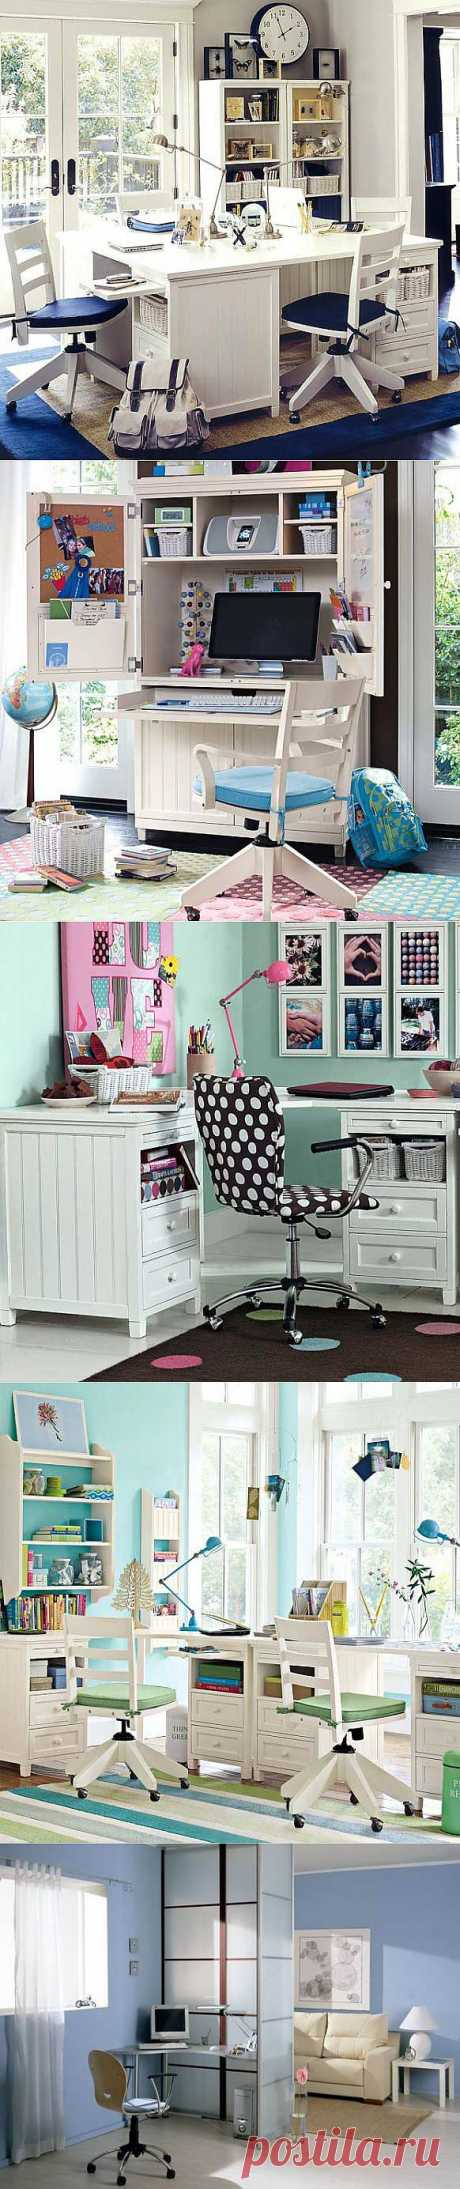 Организация рабочего пространства в детской комнате | Интерьер и Дизайн